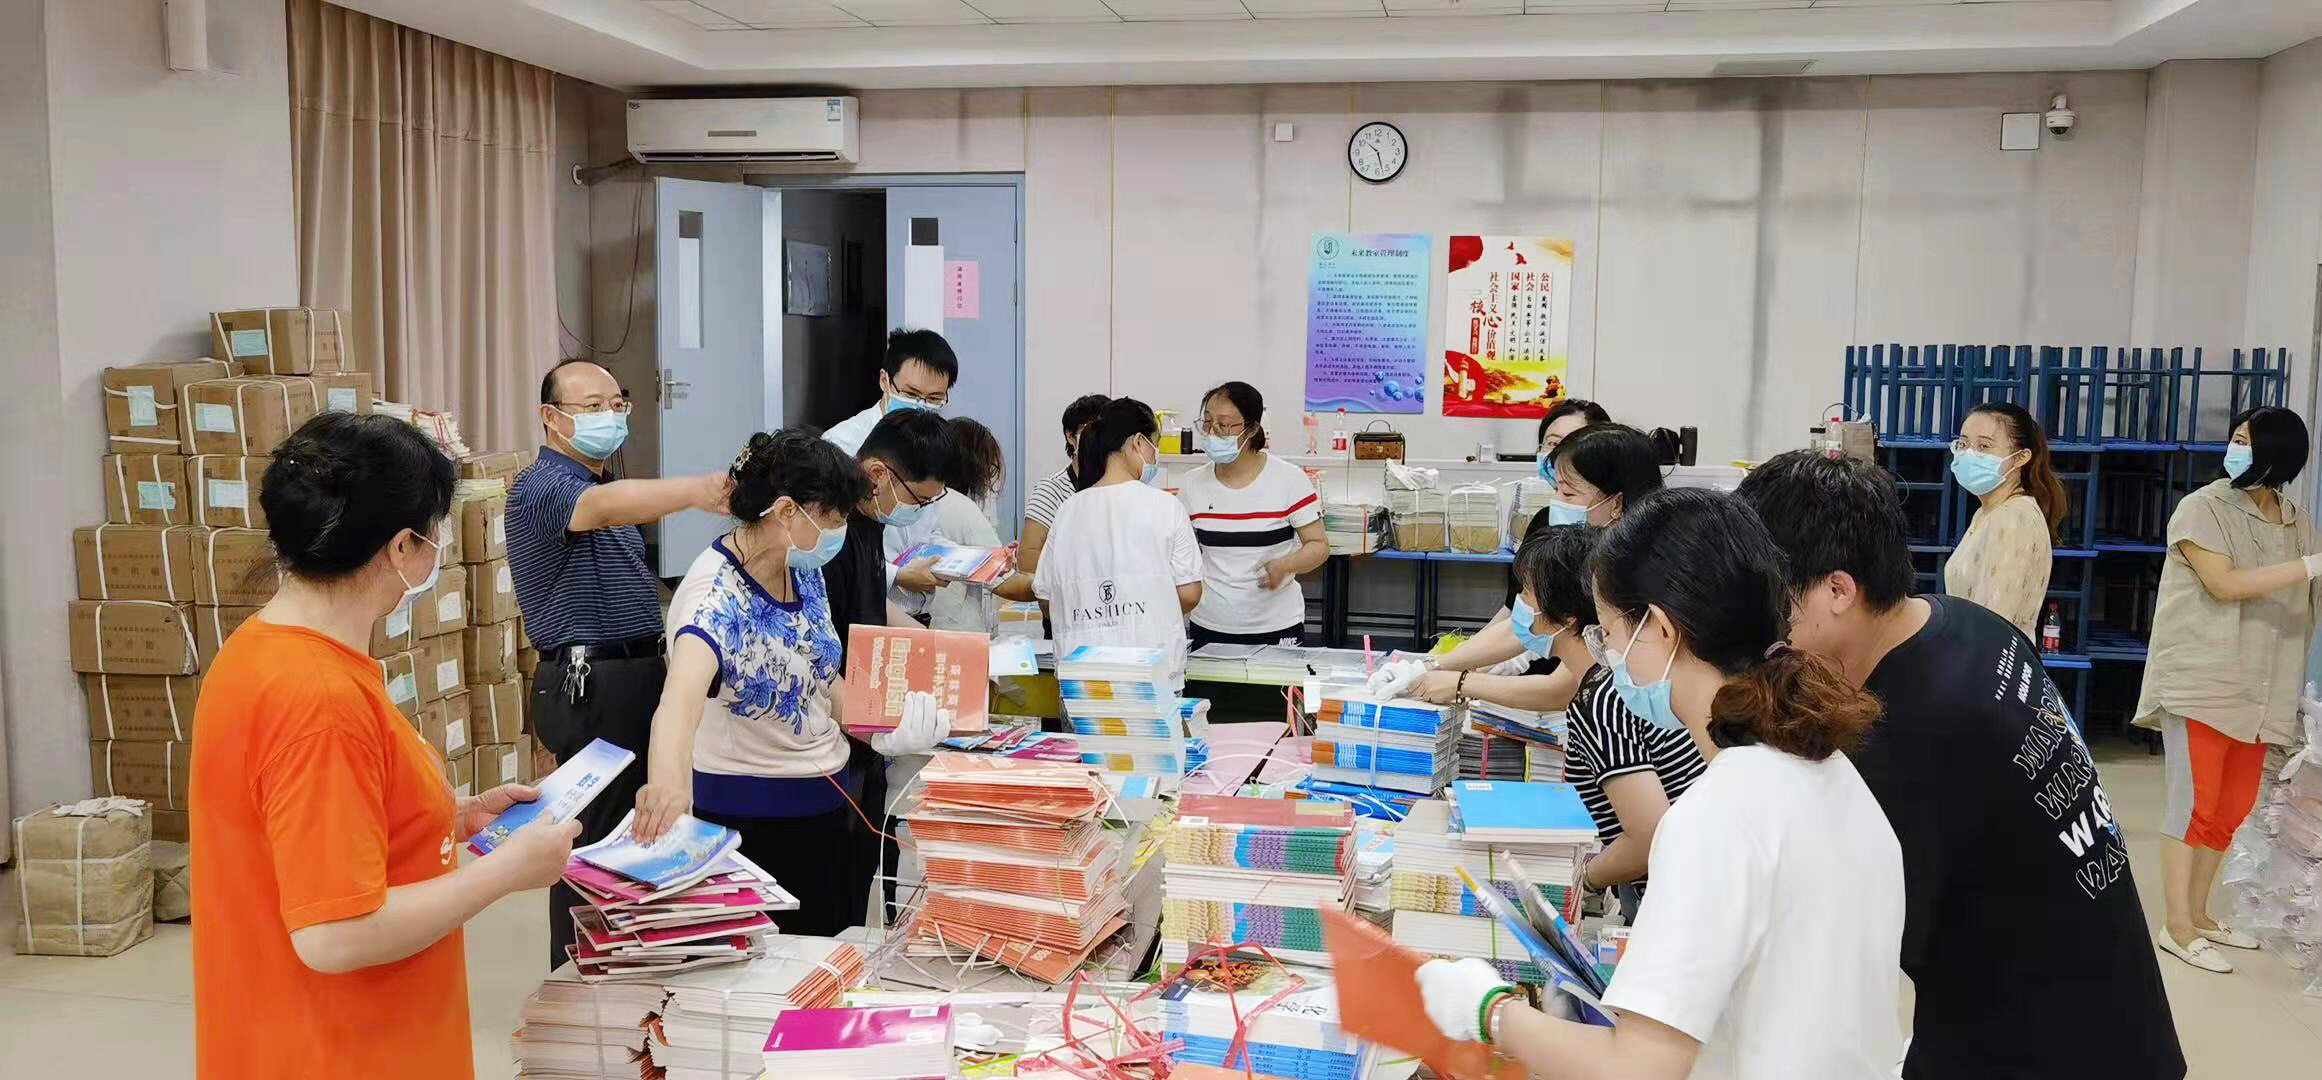 免费邮寄 分时段领取 扬州各学校有序发放新教材